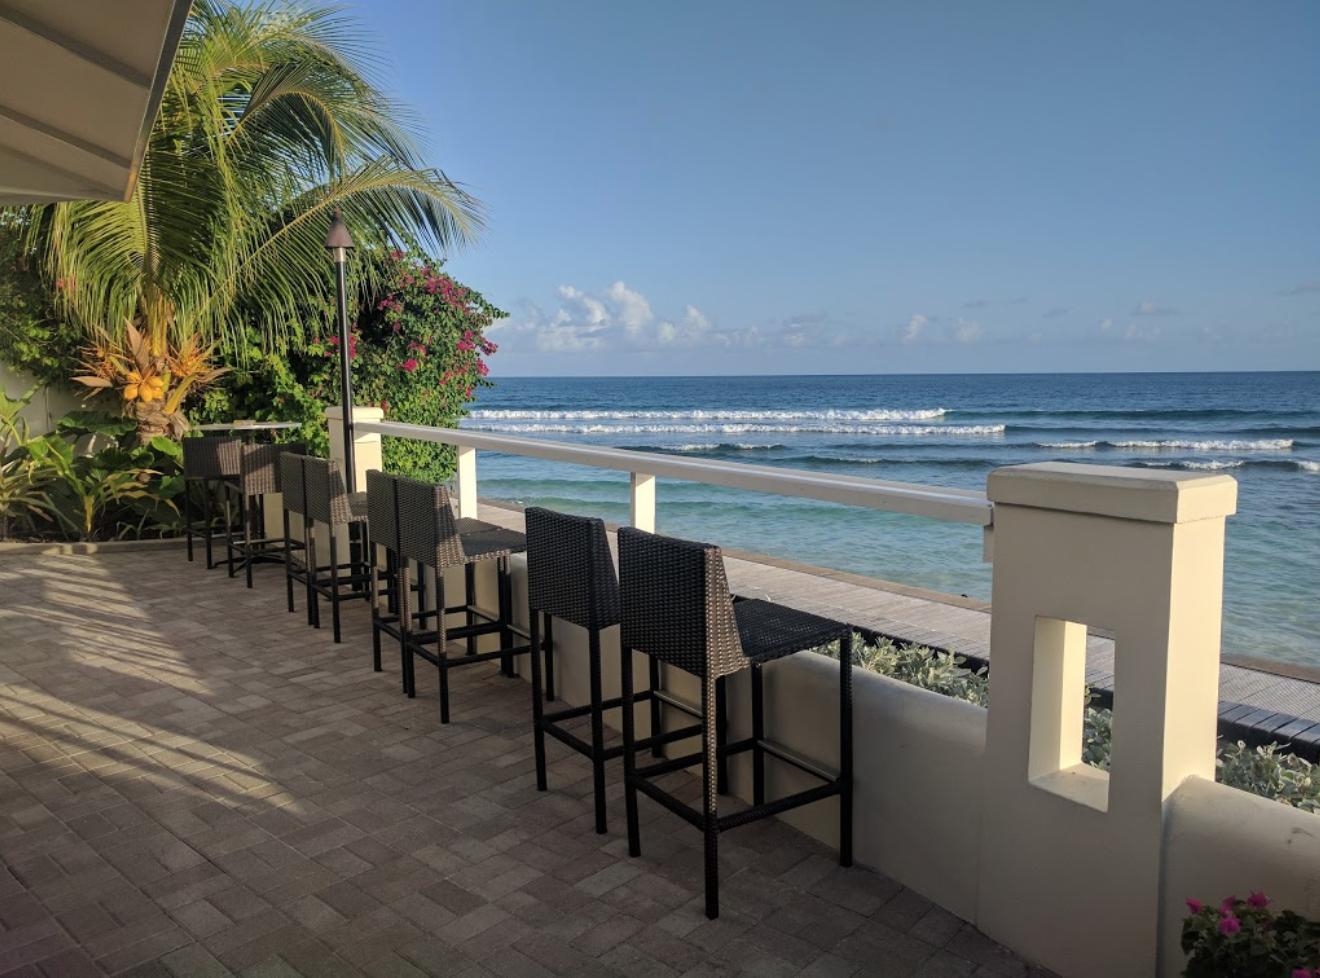 Restaurant beach view